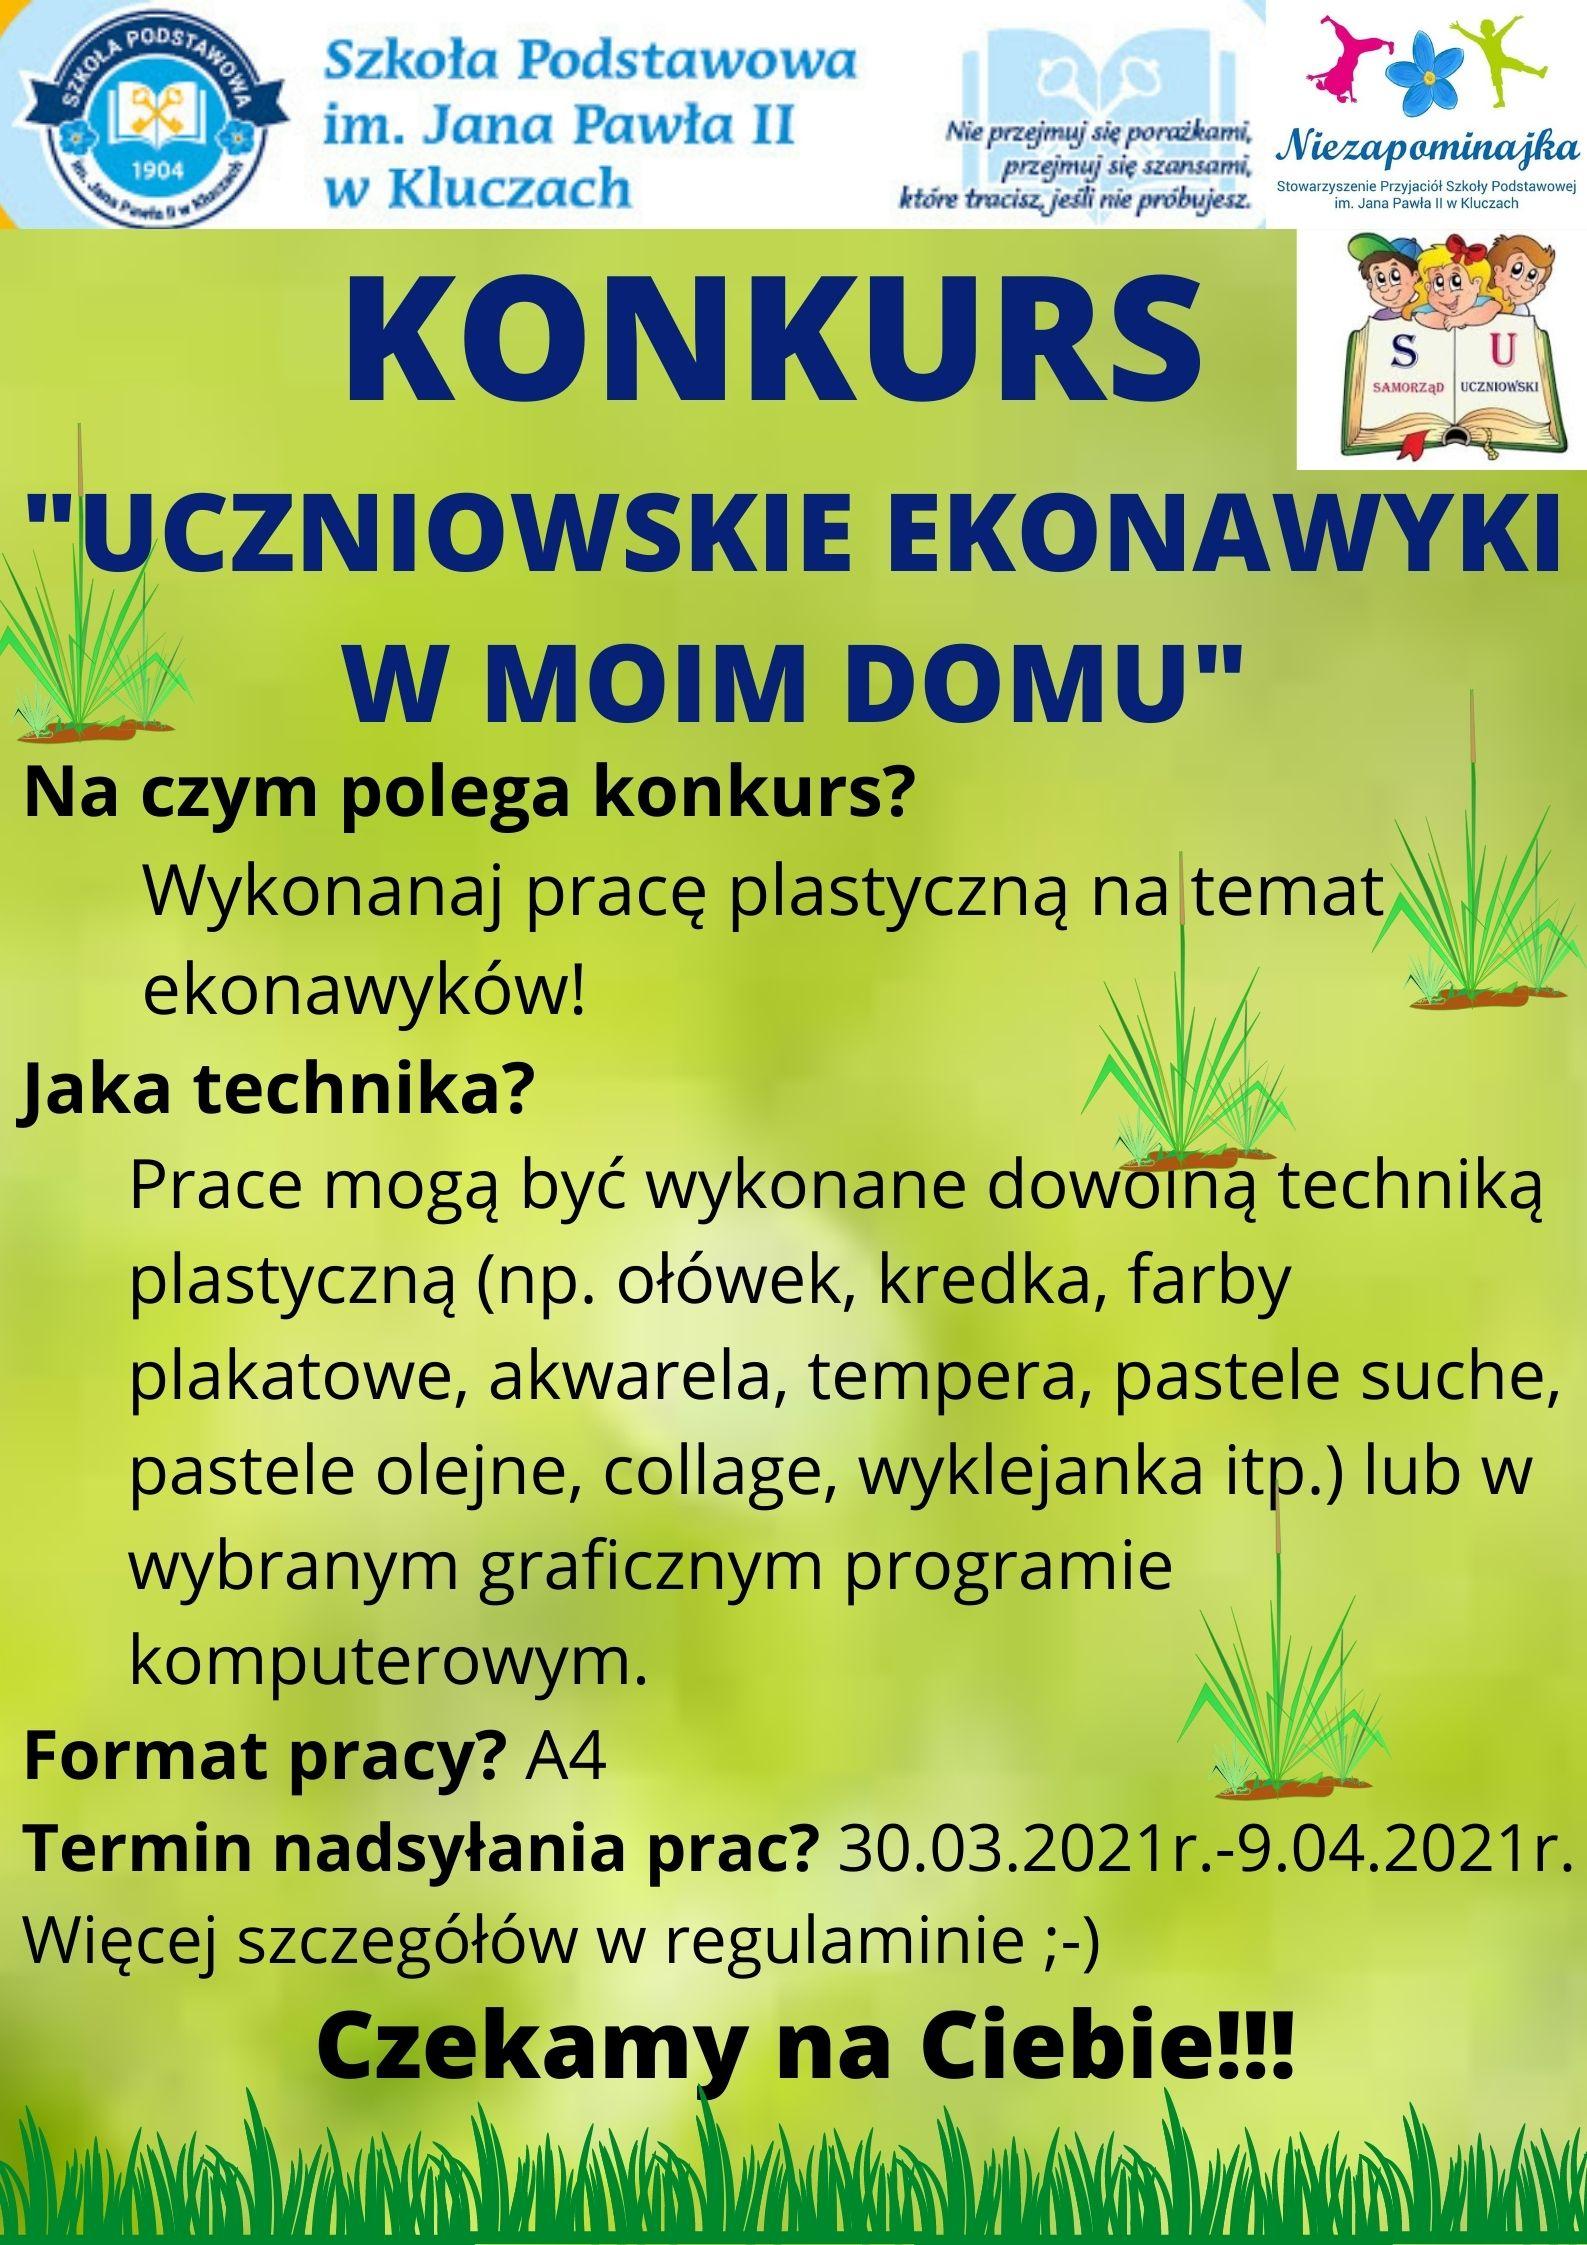 """plakat informujący o konkursie """"Uczniowskie ekonawyki w moim domu"""""""